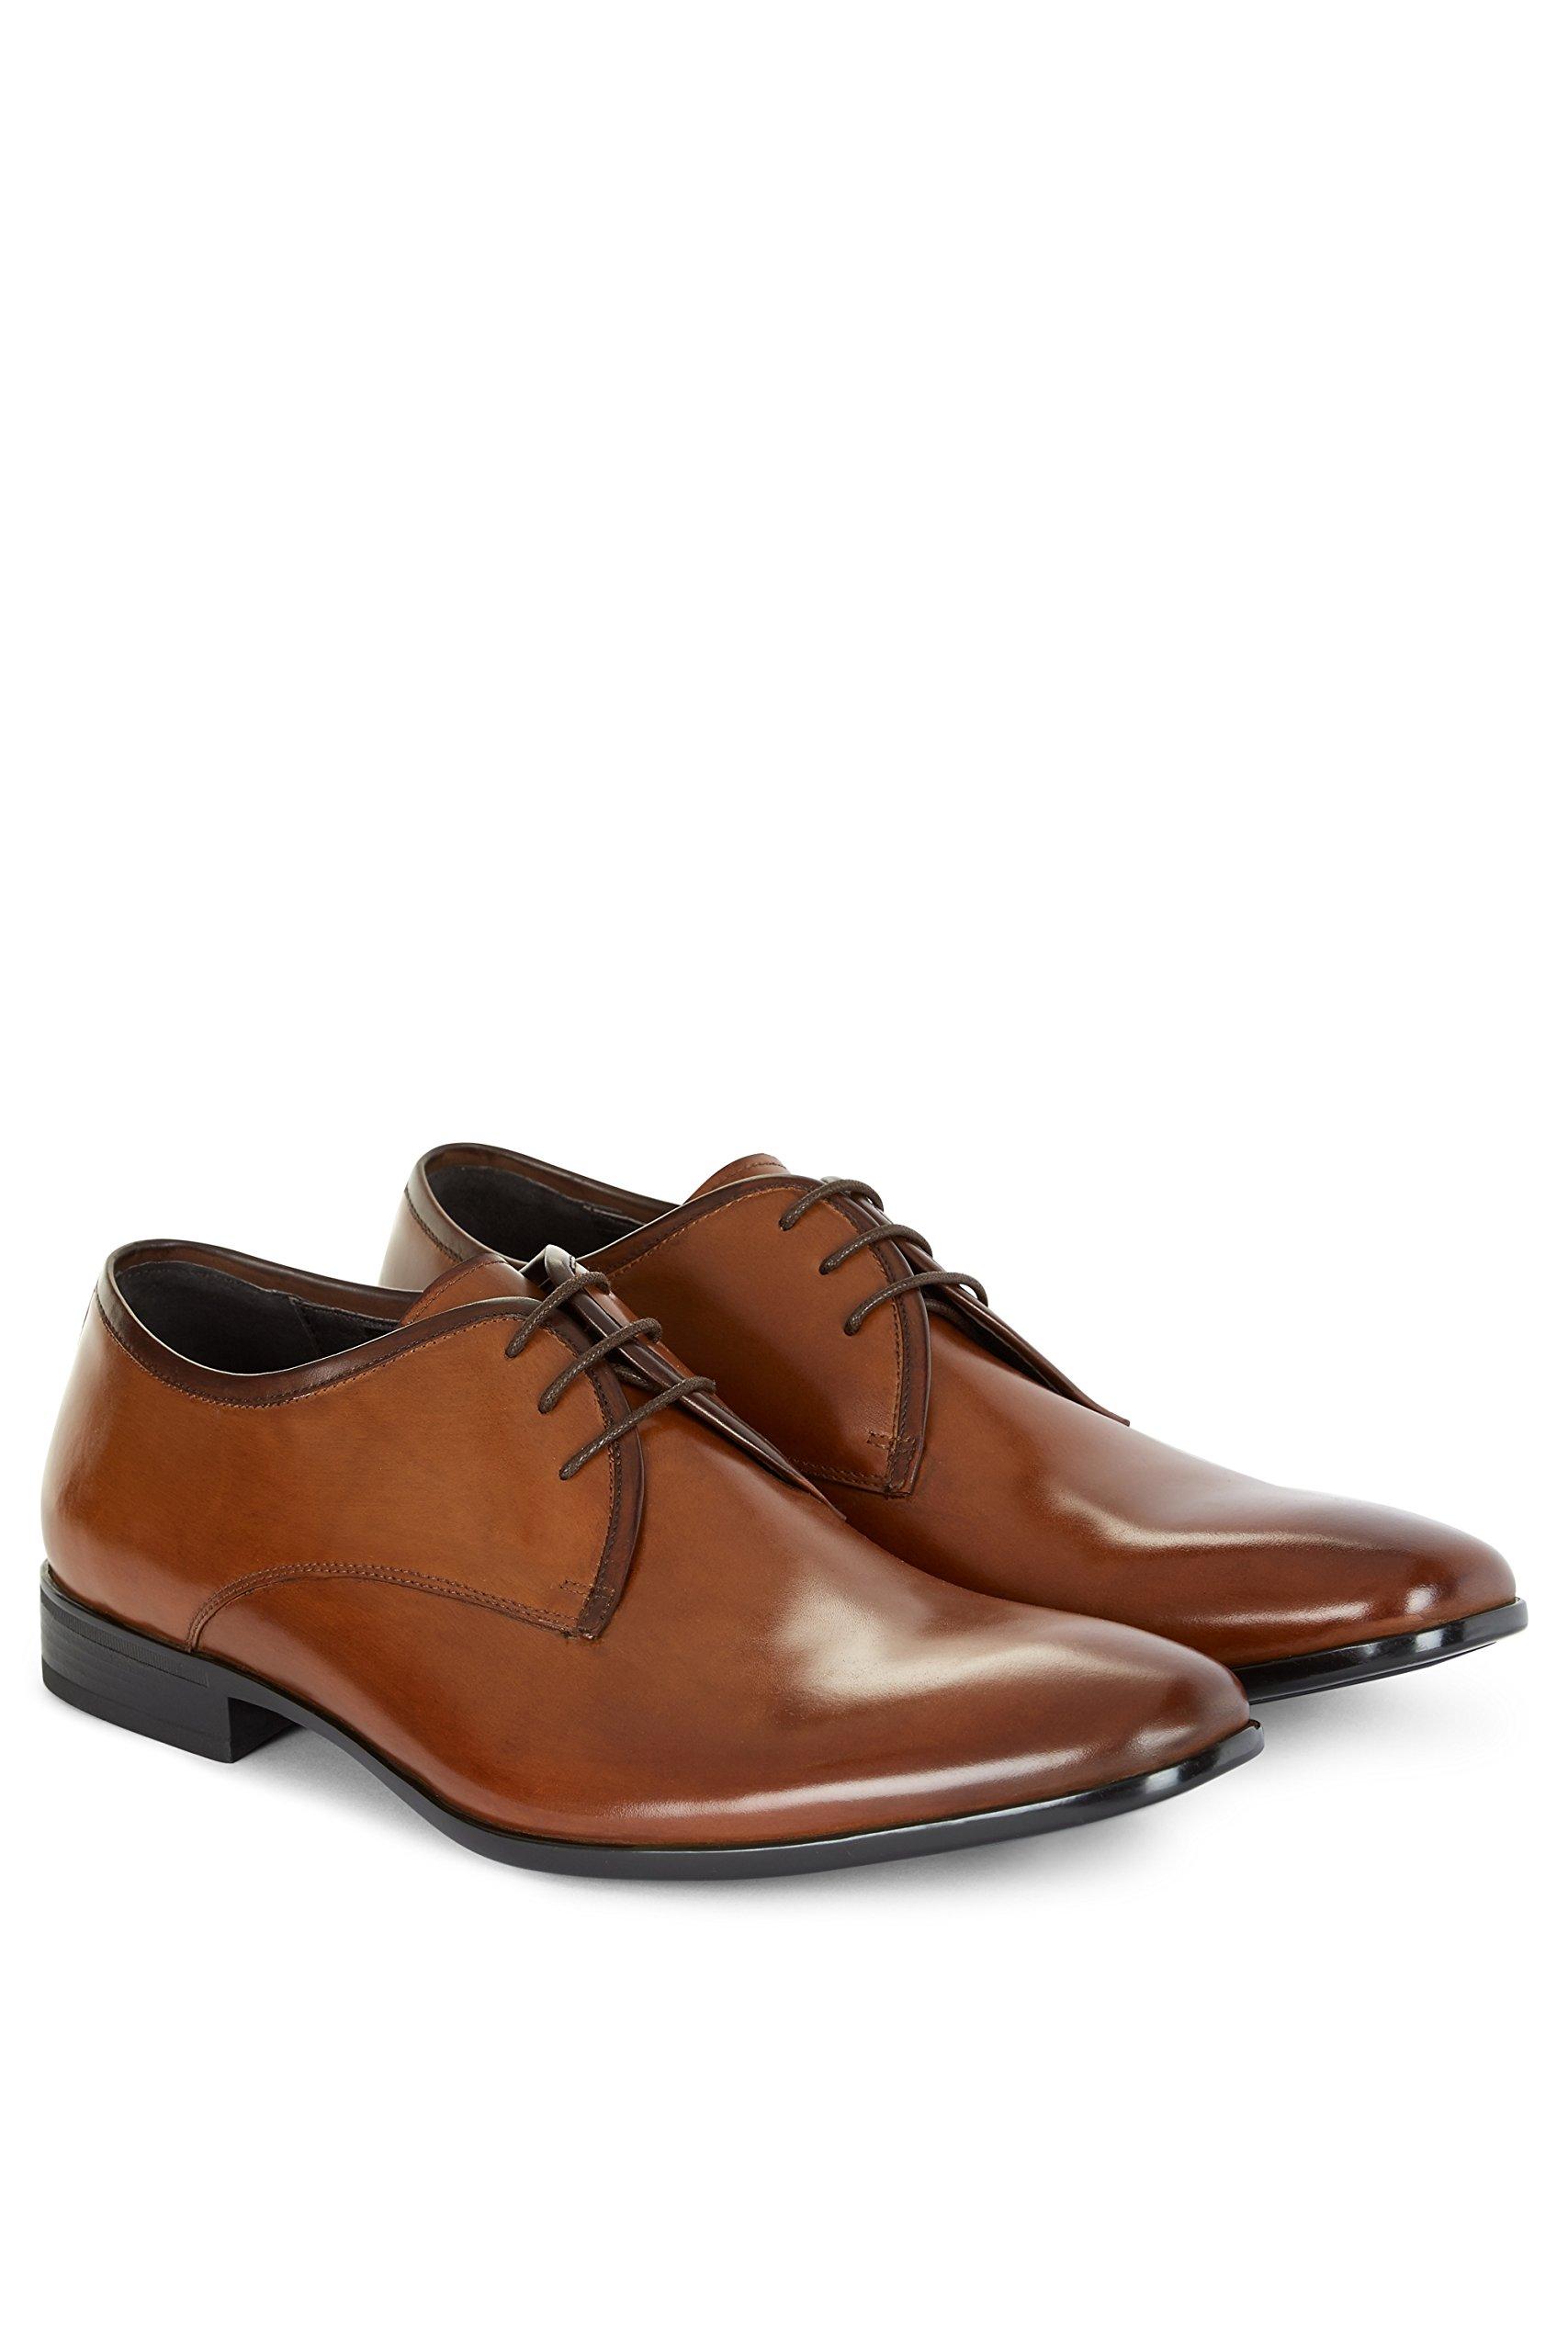 John White Men's Cadogan Tan Derby Shoes 11.5 by John White